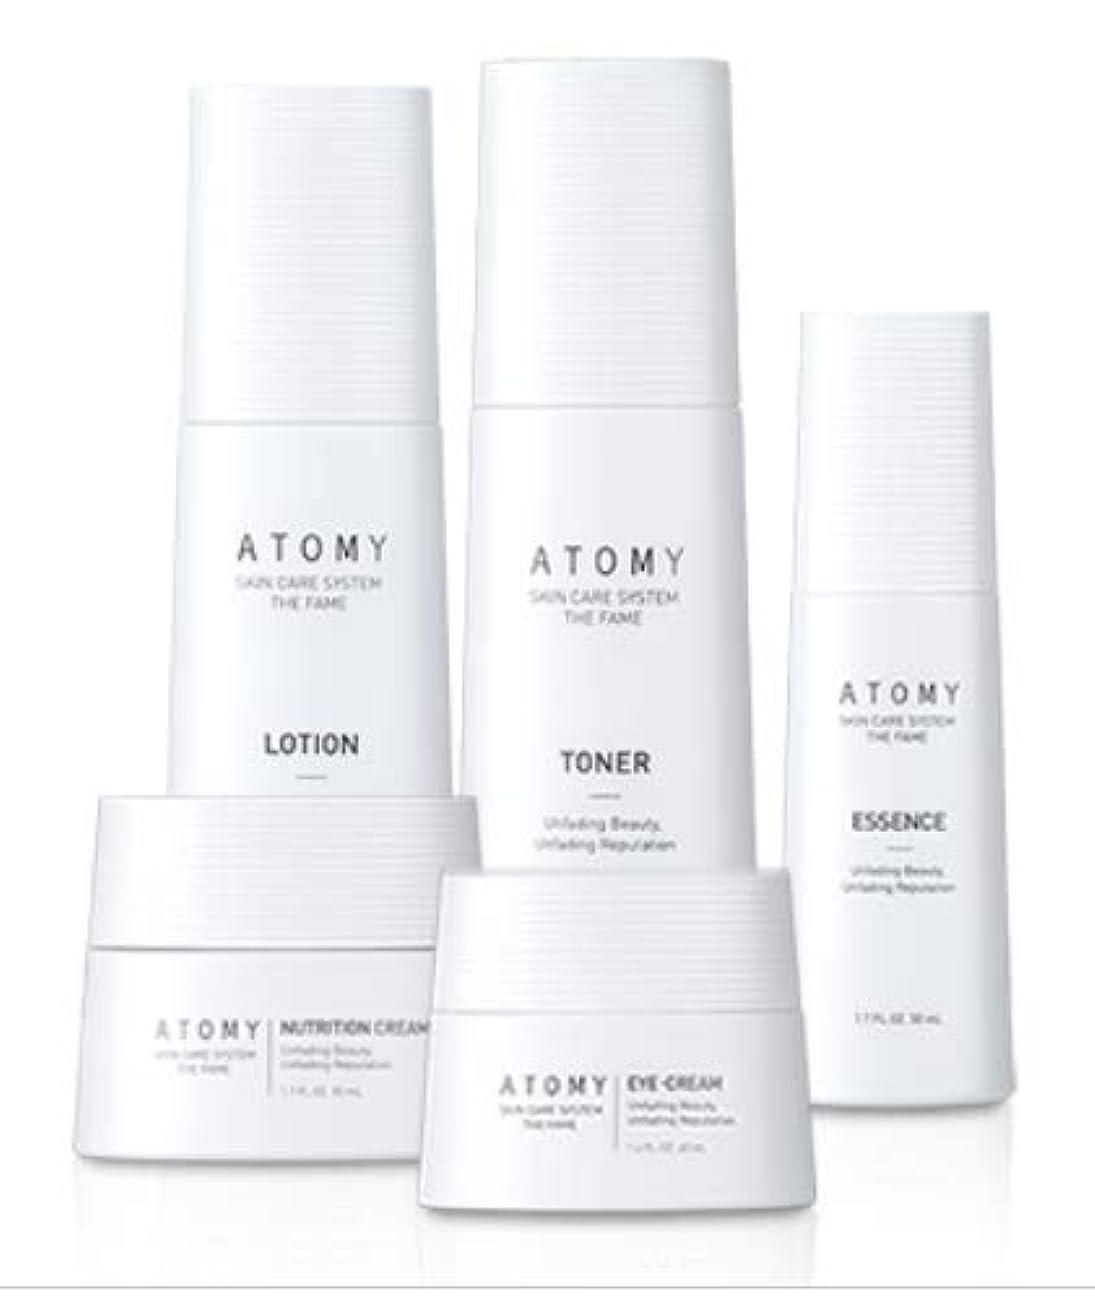 繕う効果的慈悲2019 NEW Atomy(アトミ) Skincare System THE FAME 5種 Set [並行輸入品]